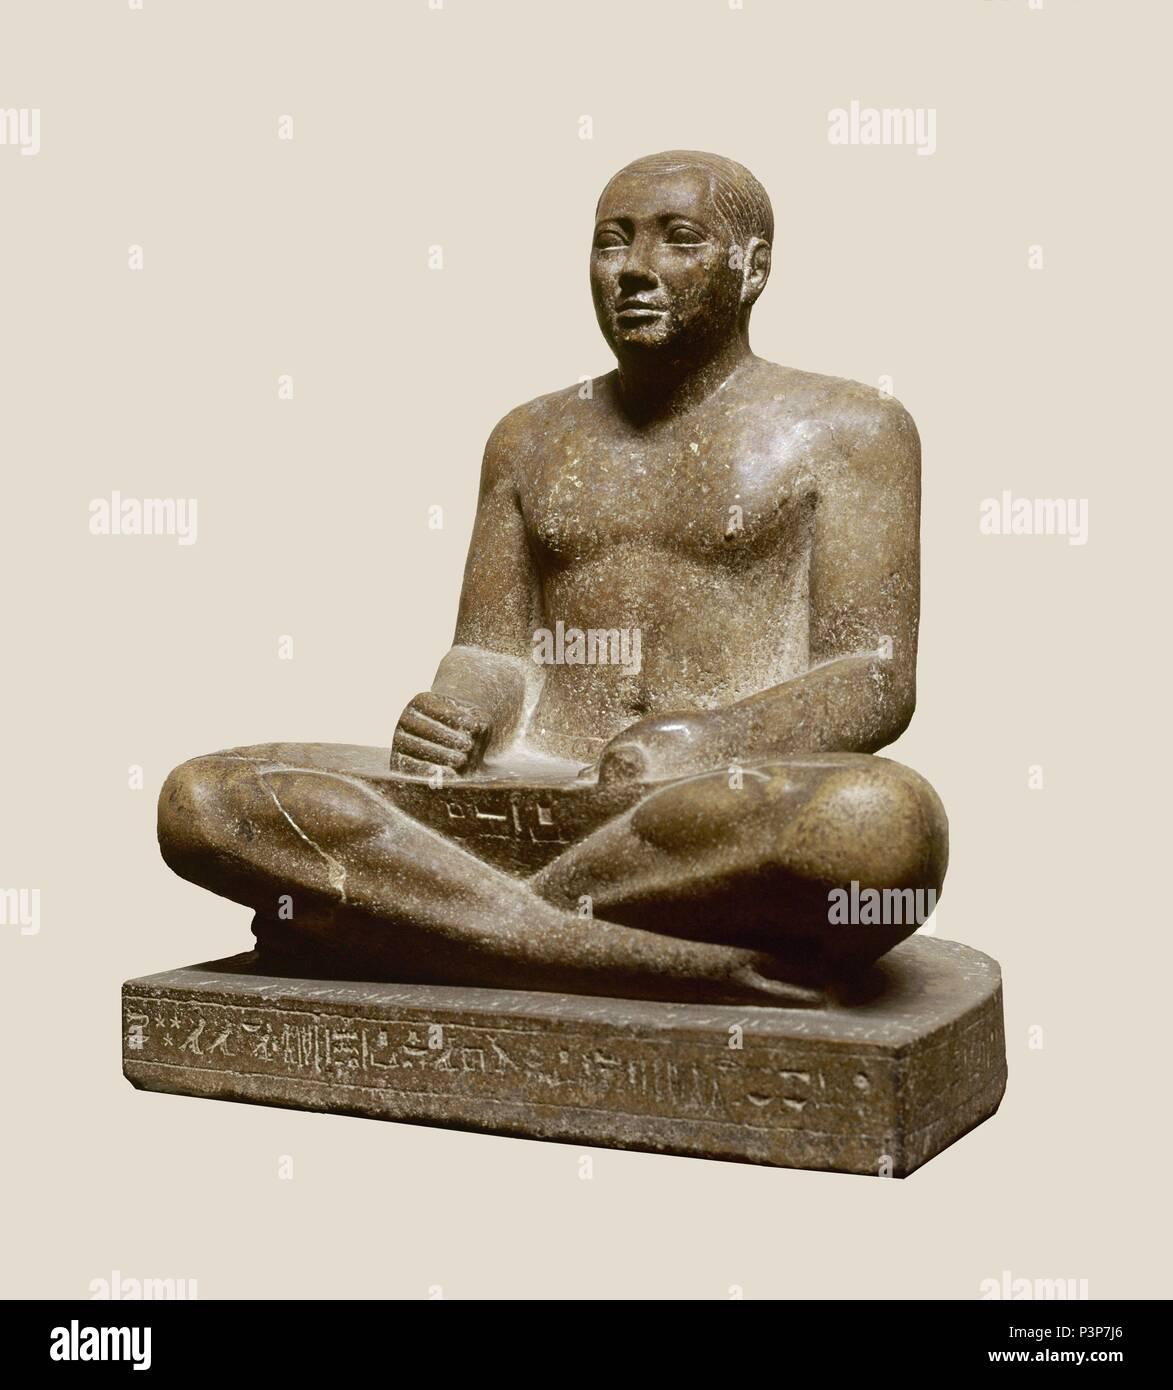 ESCRIBA EN granito GRIS (V DINASTIA-ANTIGUO IMP) AÑO 2465 AL 2325 AJC. Ubicación: EL MUSEO EGIPCIO, KAIRO. Foto de stock